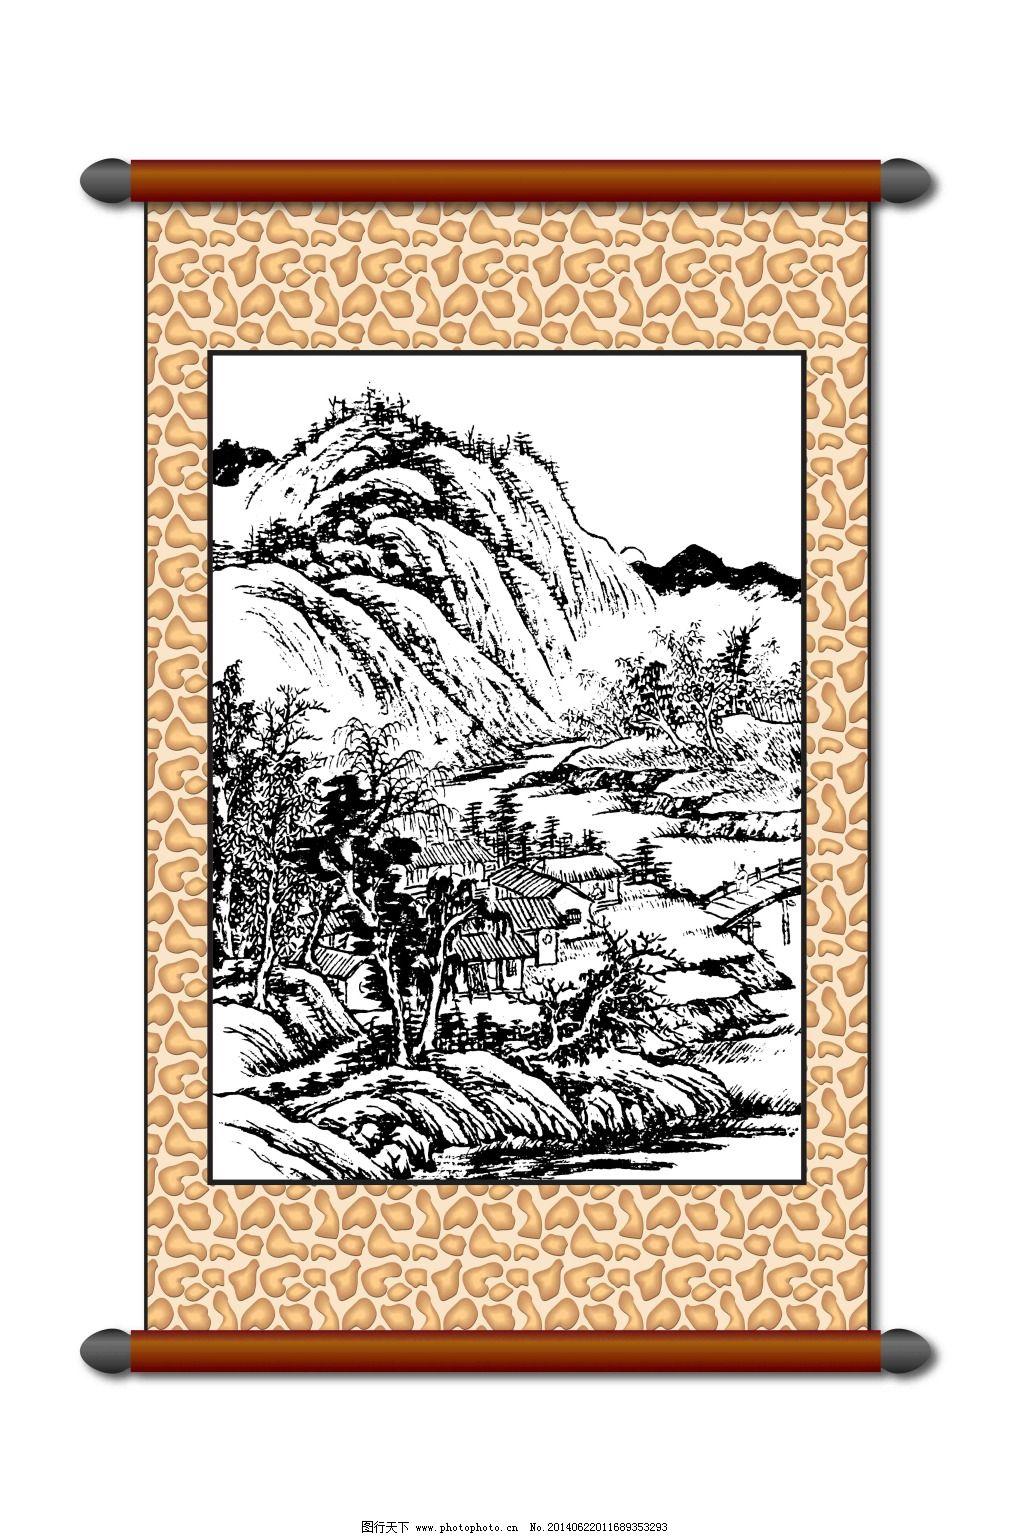 美术 白描 风景画 白描风景 山水画 古建筑 线描 工笔 美术 黑白稿